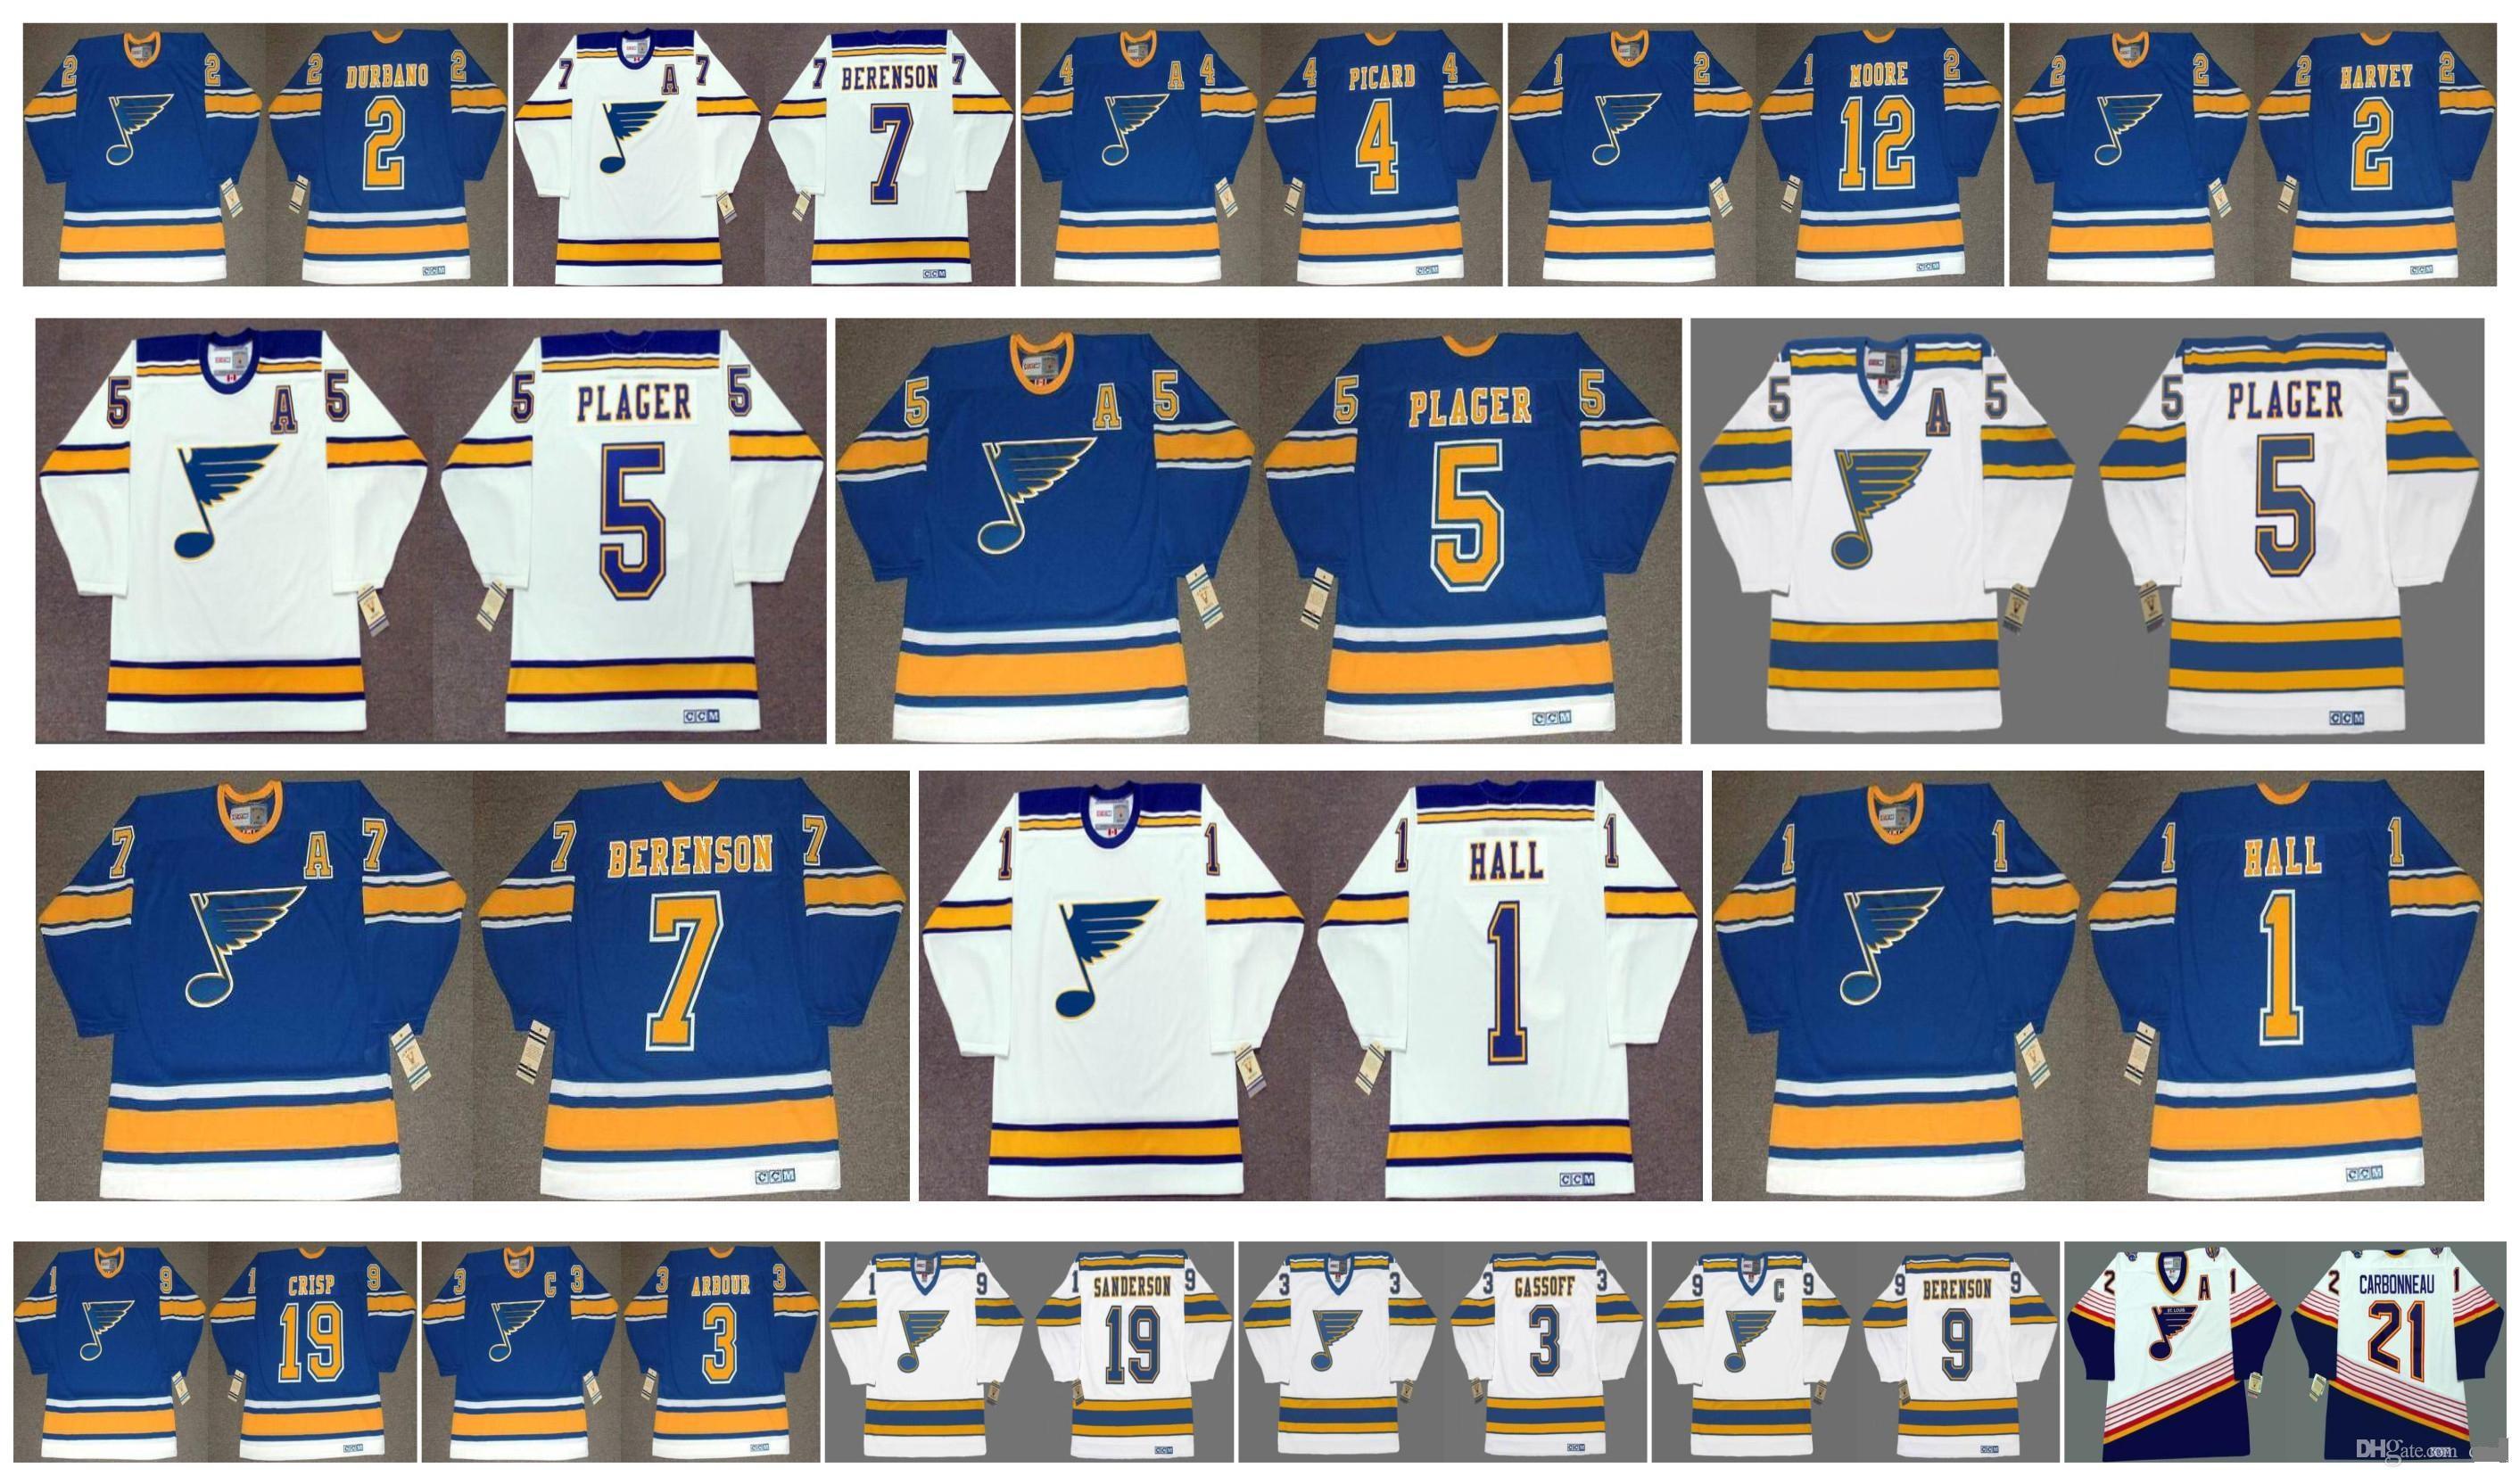 Retro Hockey CCM Vintage St. Louis Blues Maglie Bob Plager Terry Crisp AL ARBOR Derek Sanderson Bob Gassoff Red Berenson Guy Carbonneau